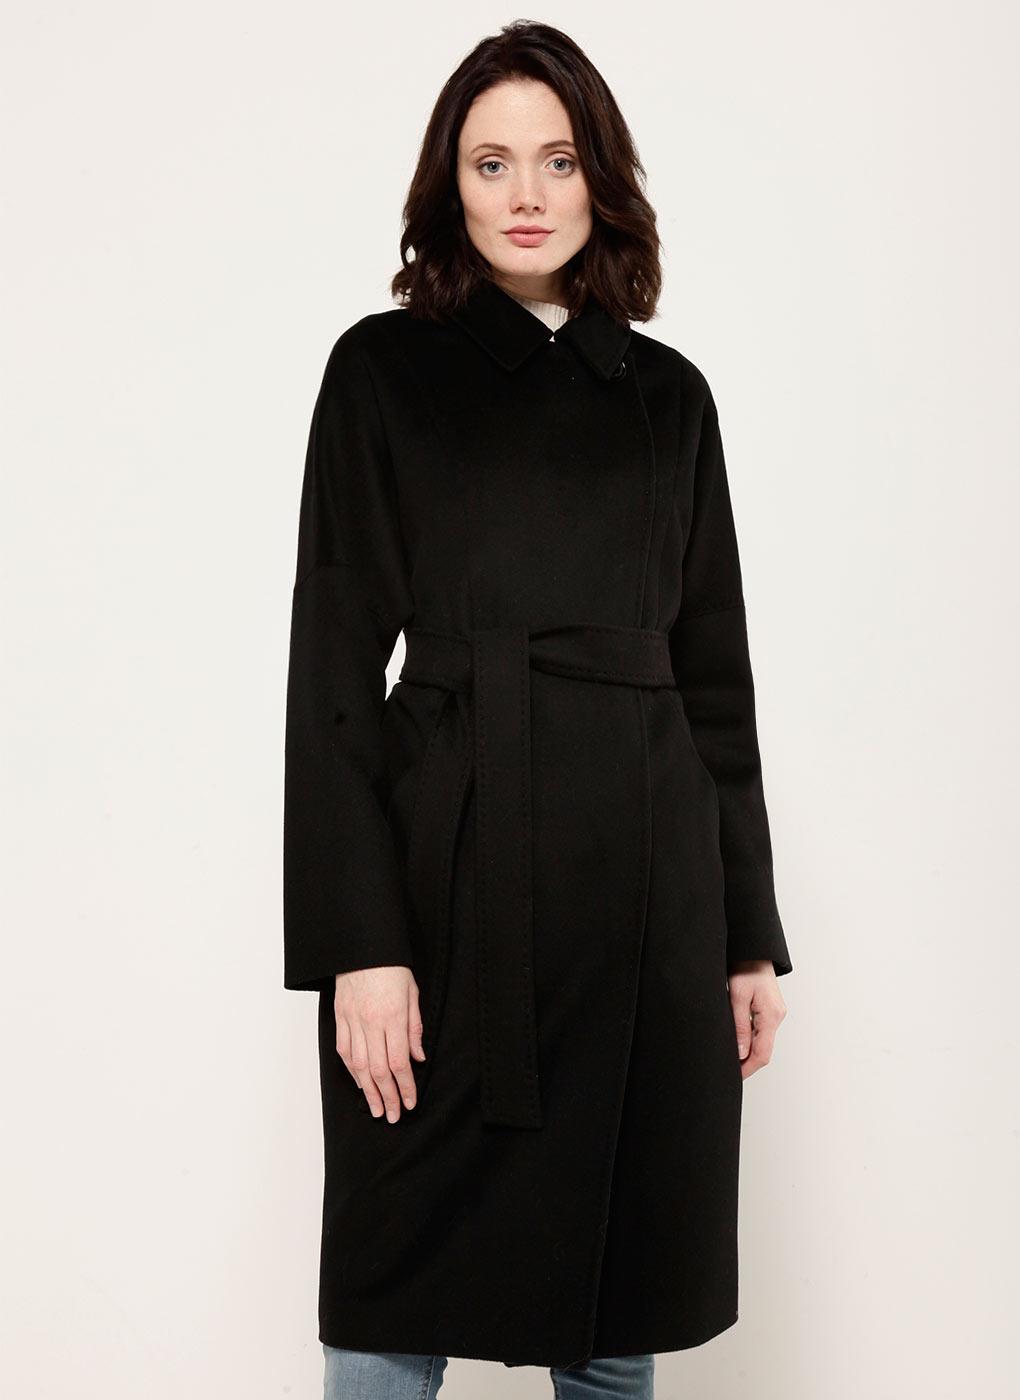 Пальто прямое шерстяное 77, Bella collection фото